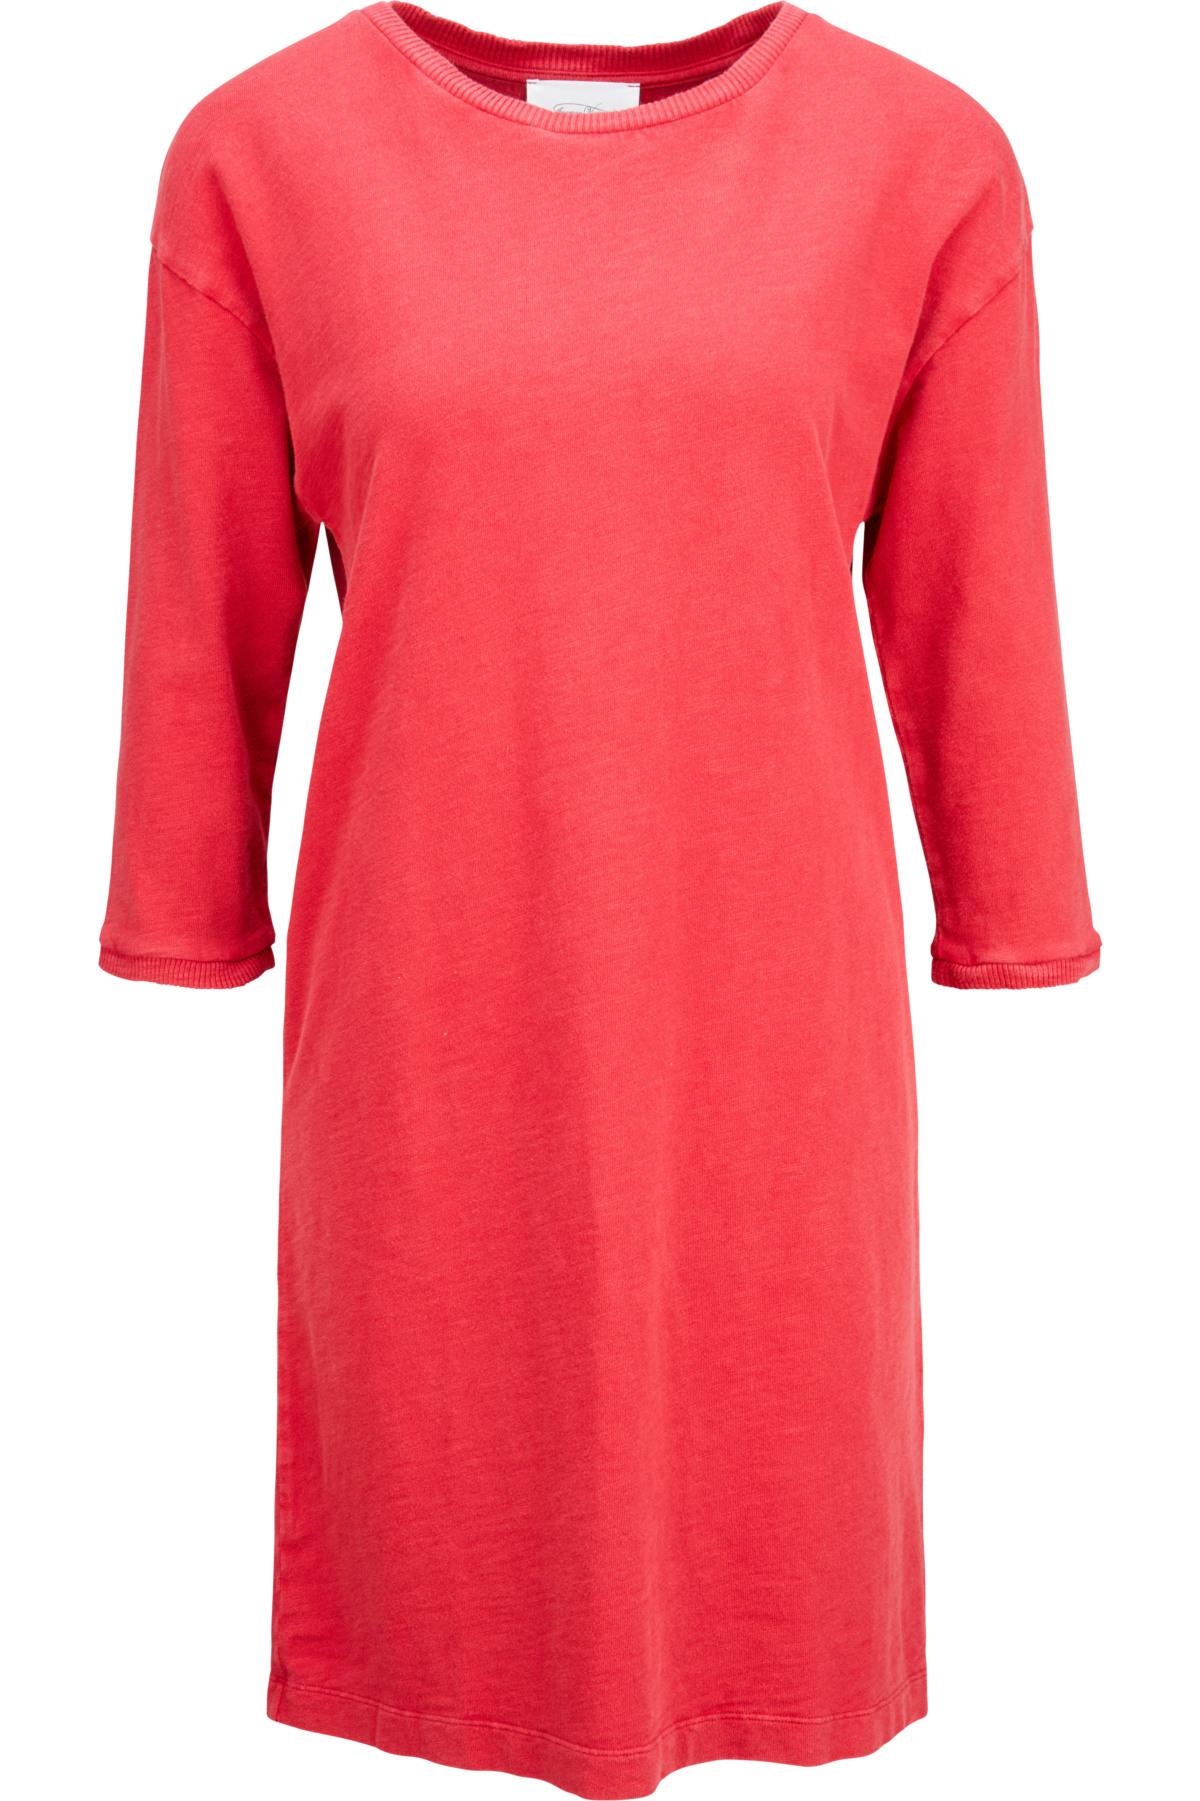 American Vintage Kleid In Rot 434574  Greta  Luis